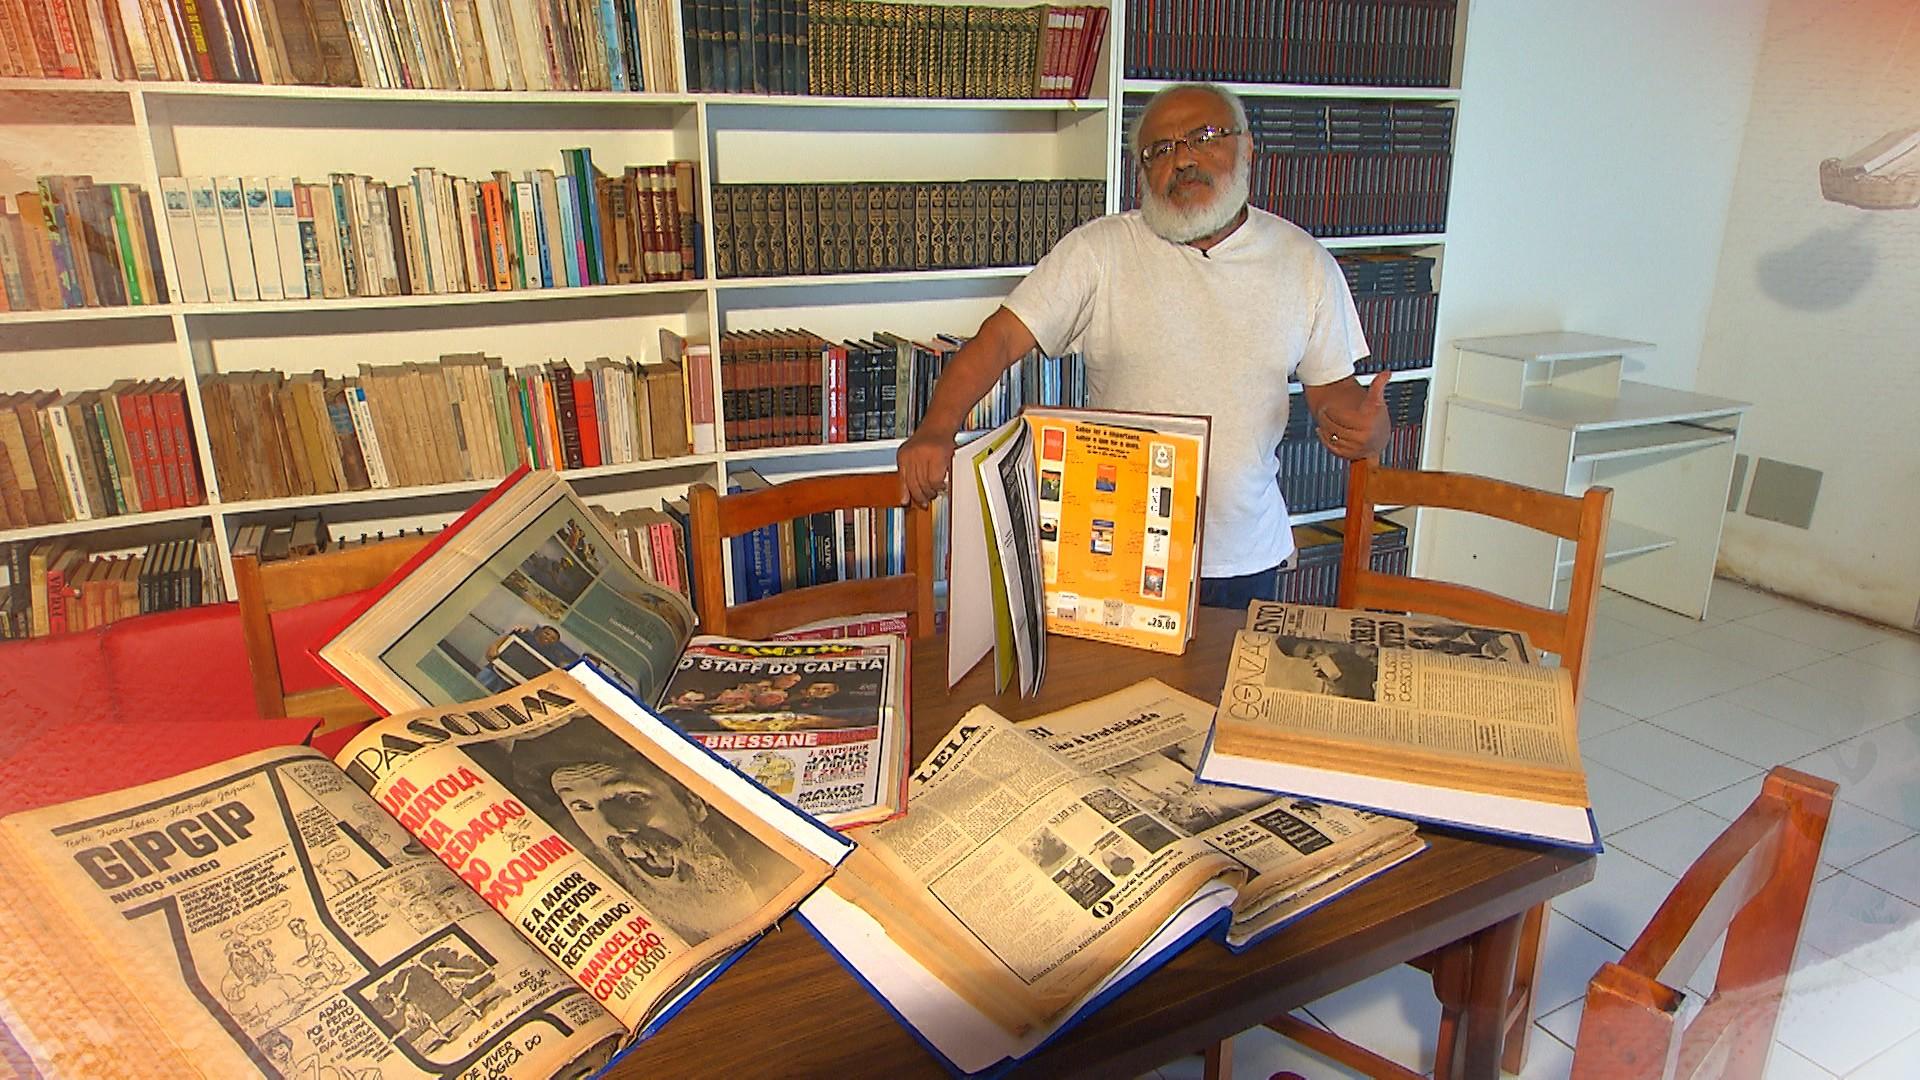 Professor Jorge Araújo cuida de espaço cultural multimídia em Santo Antônio (Foto: Divulgação)